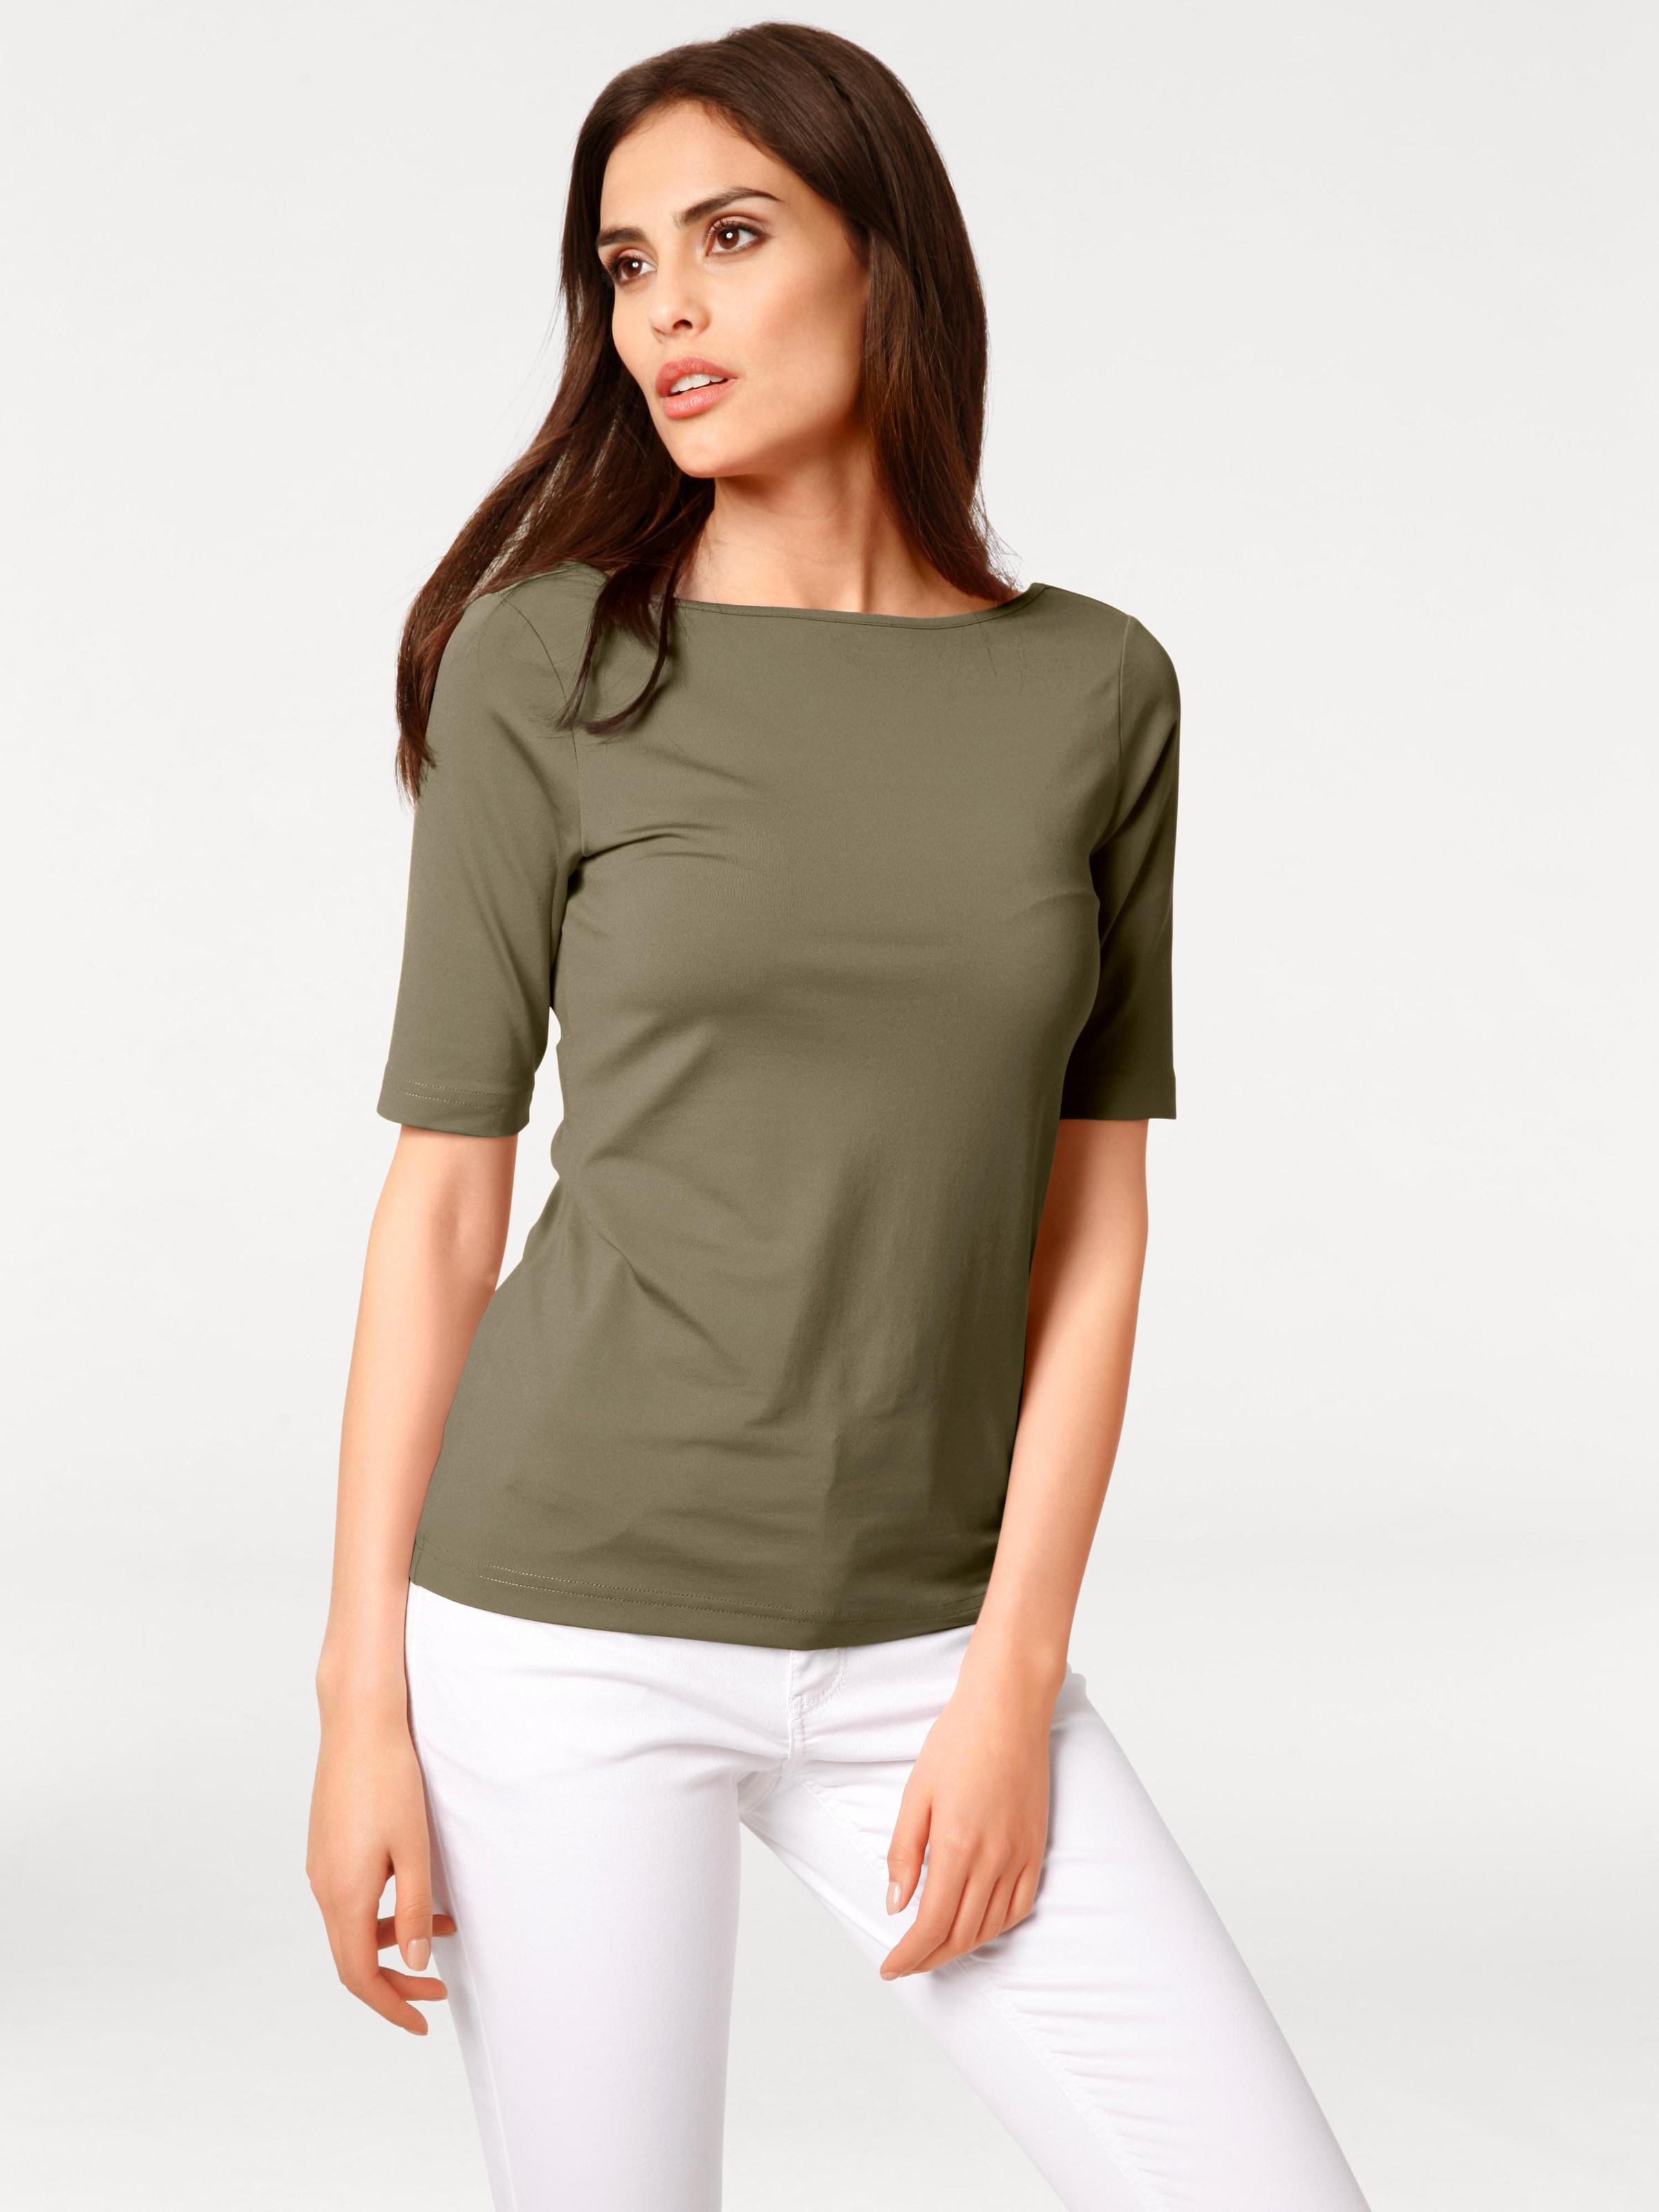 Patrizia Dini by heine Shirt Günstiger Preis Vorbestellung Verkauf Großer Verkauf Einkaufen Billig Verkaufen Viele Arten Von pCyVnfi